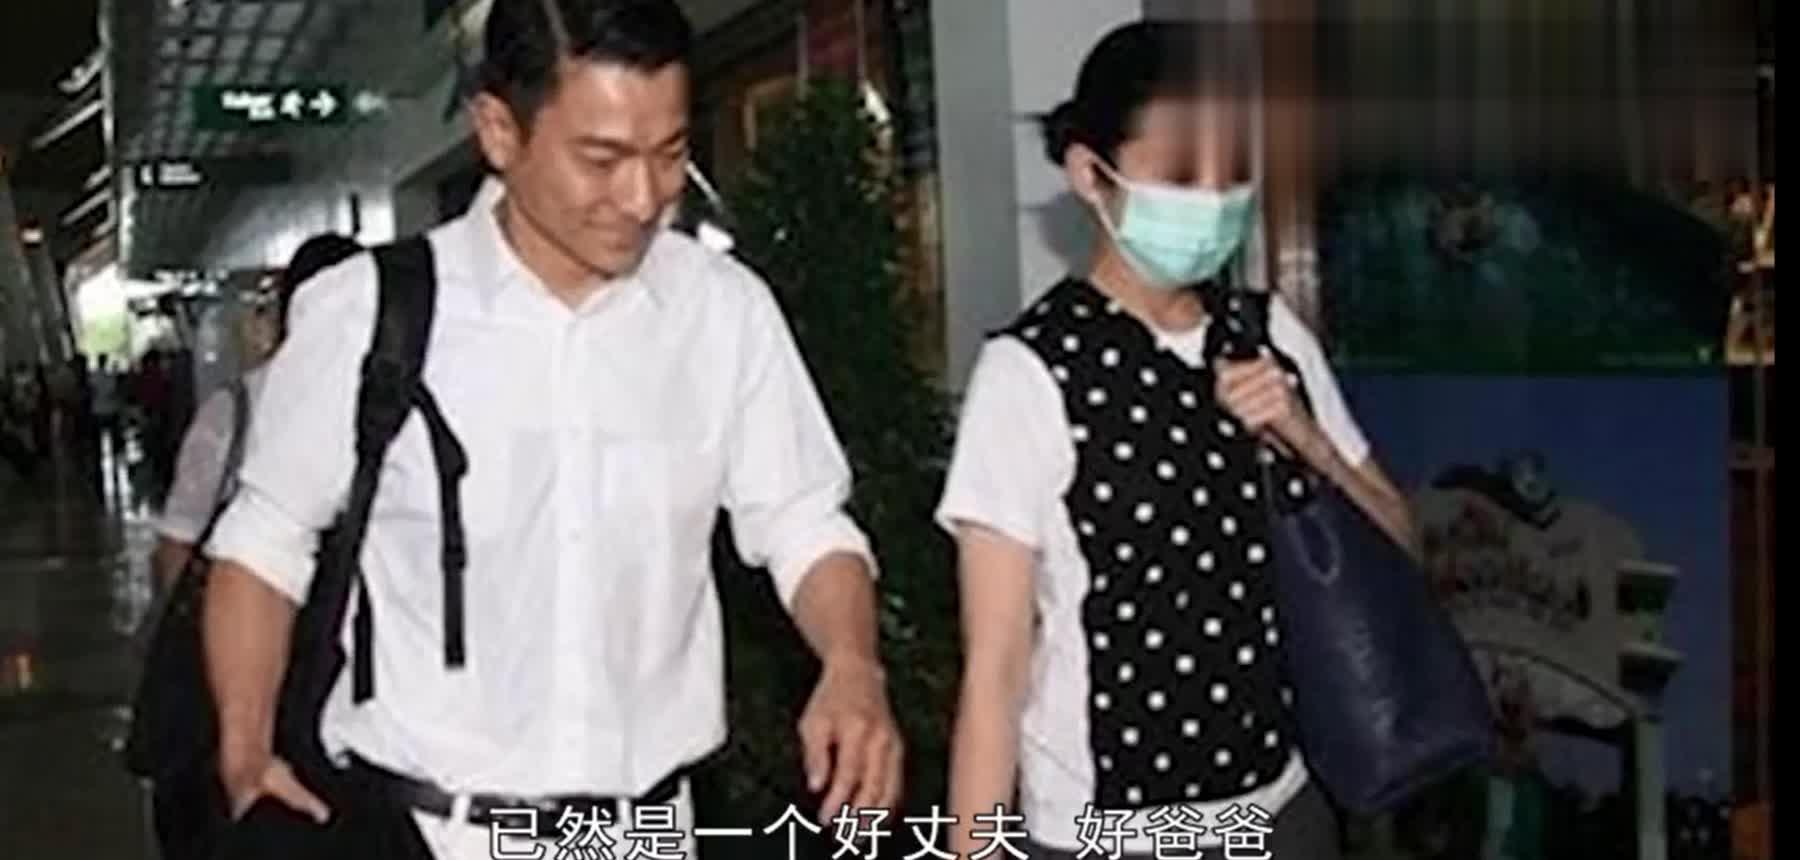 #刘德华家人#刘德华被曝对家人不好?